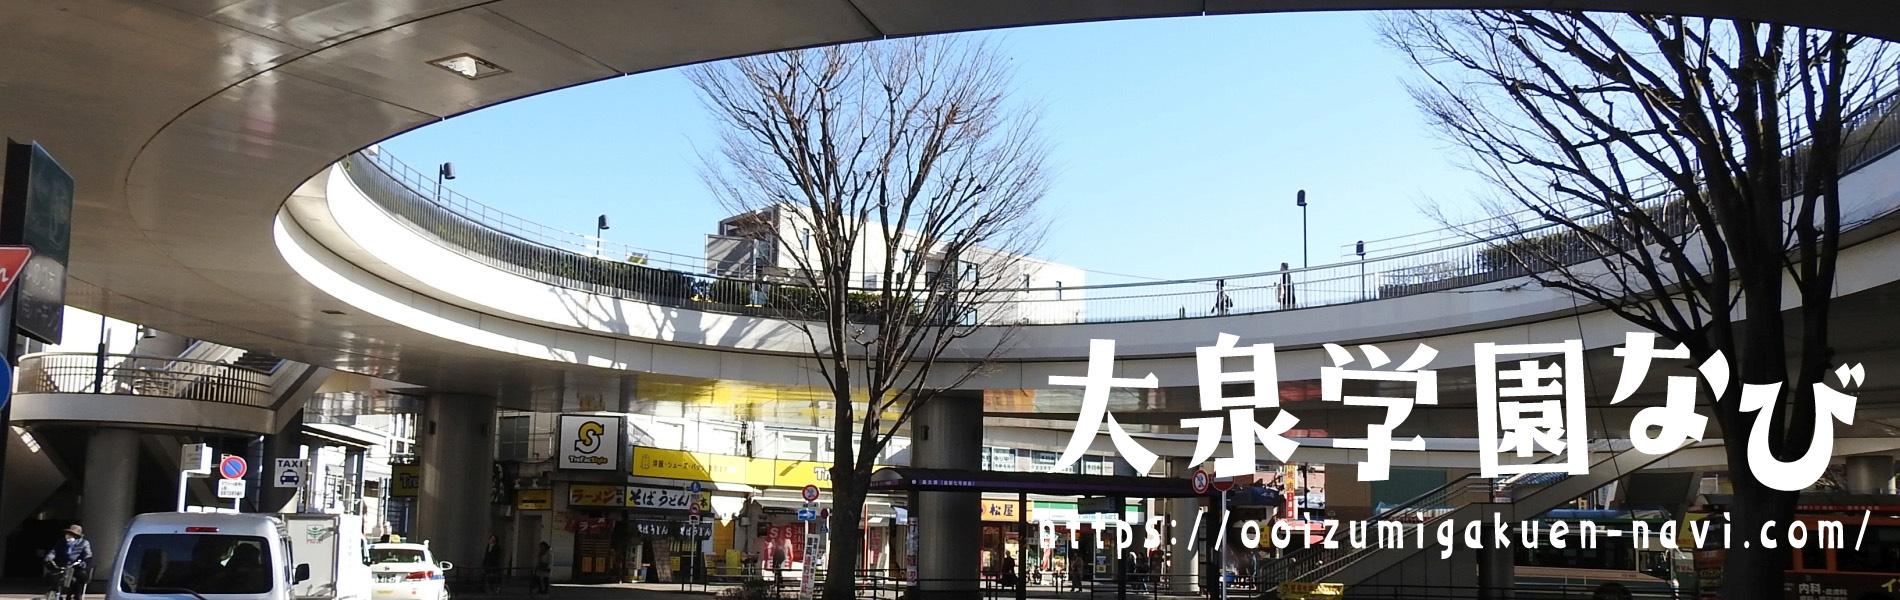 大泉学園駅南口ロータリー